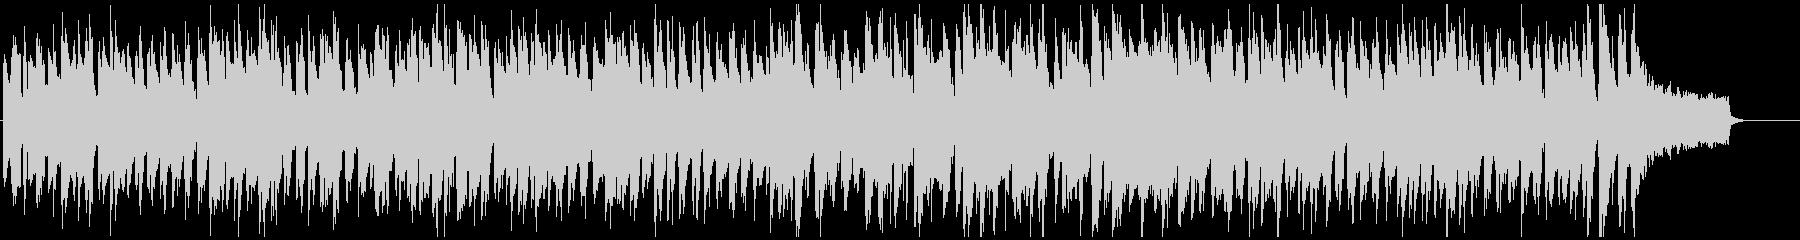 ズンズン歩くようなコミカルなリコーダー曲の未再生の波形